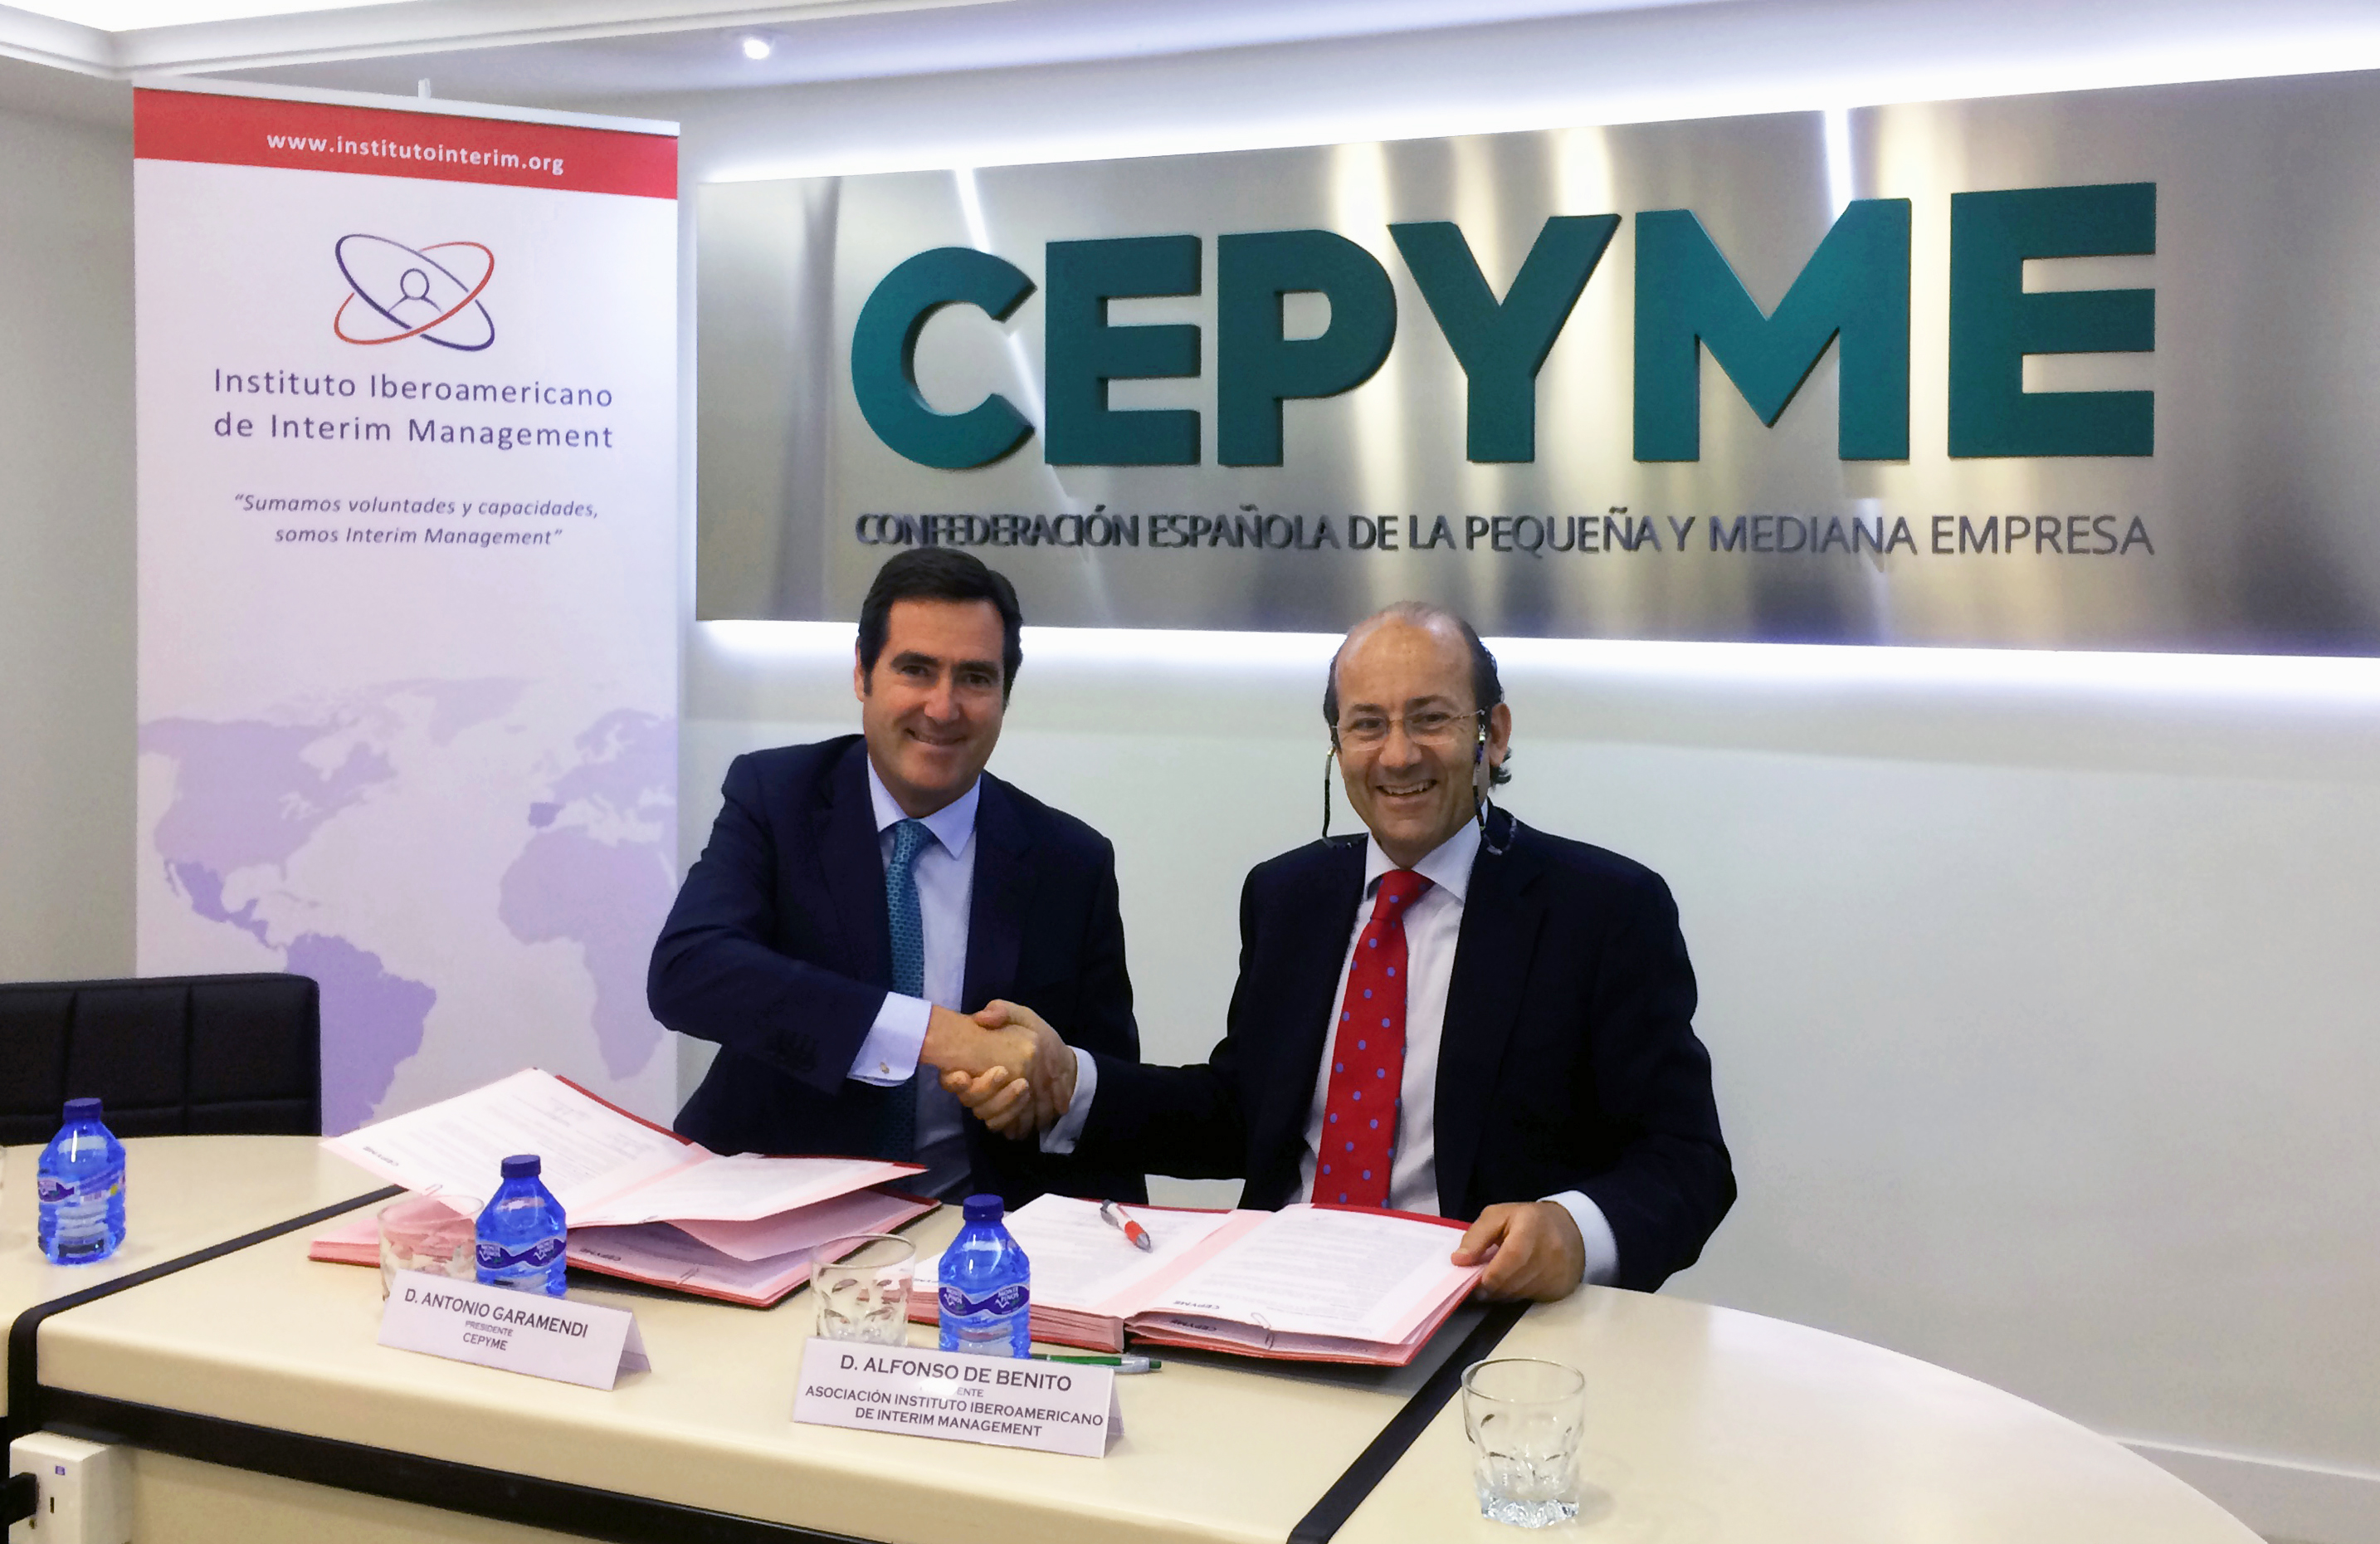 Acuerdo de colaboración entre CEPYME y el Instituto Iberoamericano de Interim Management